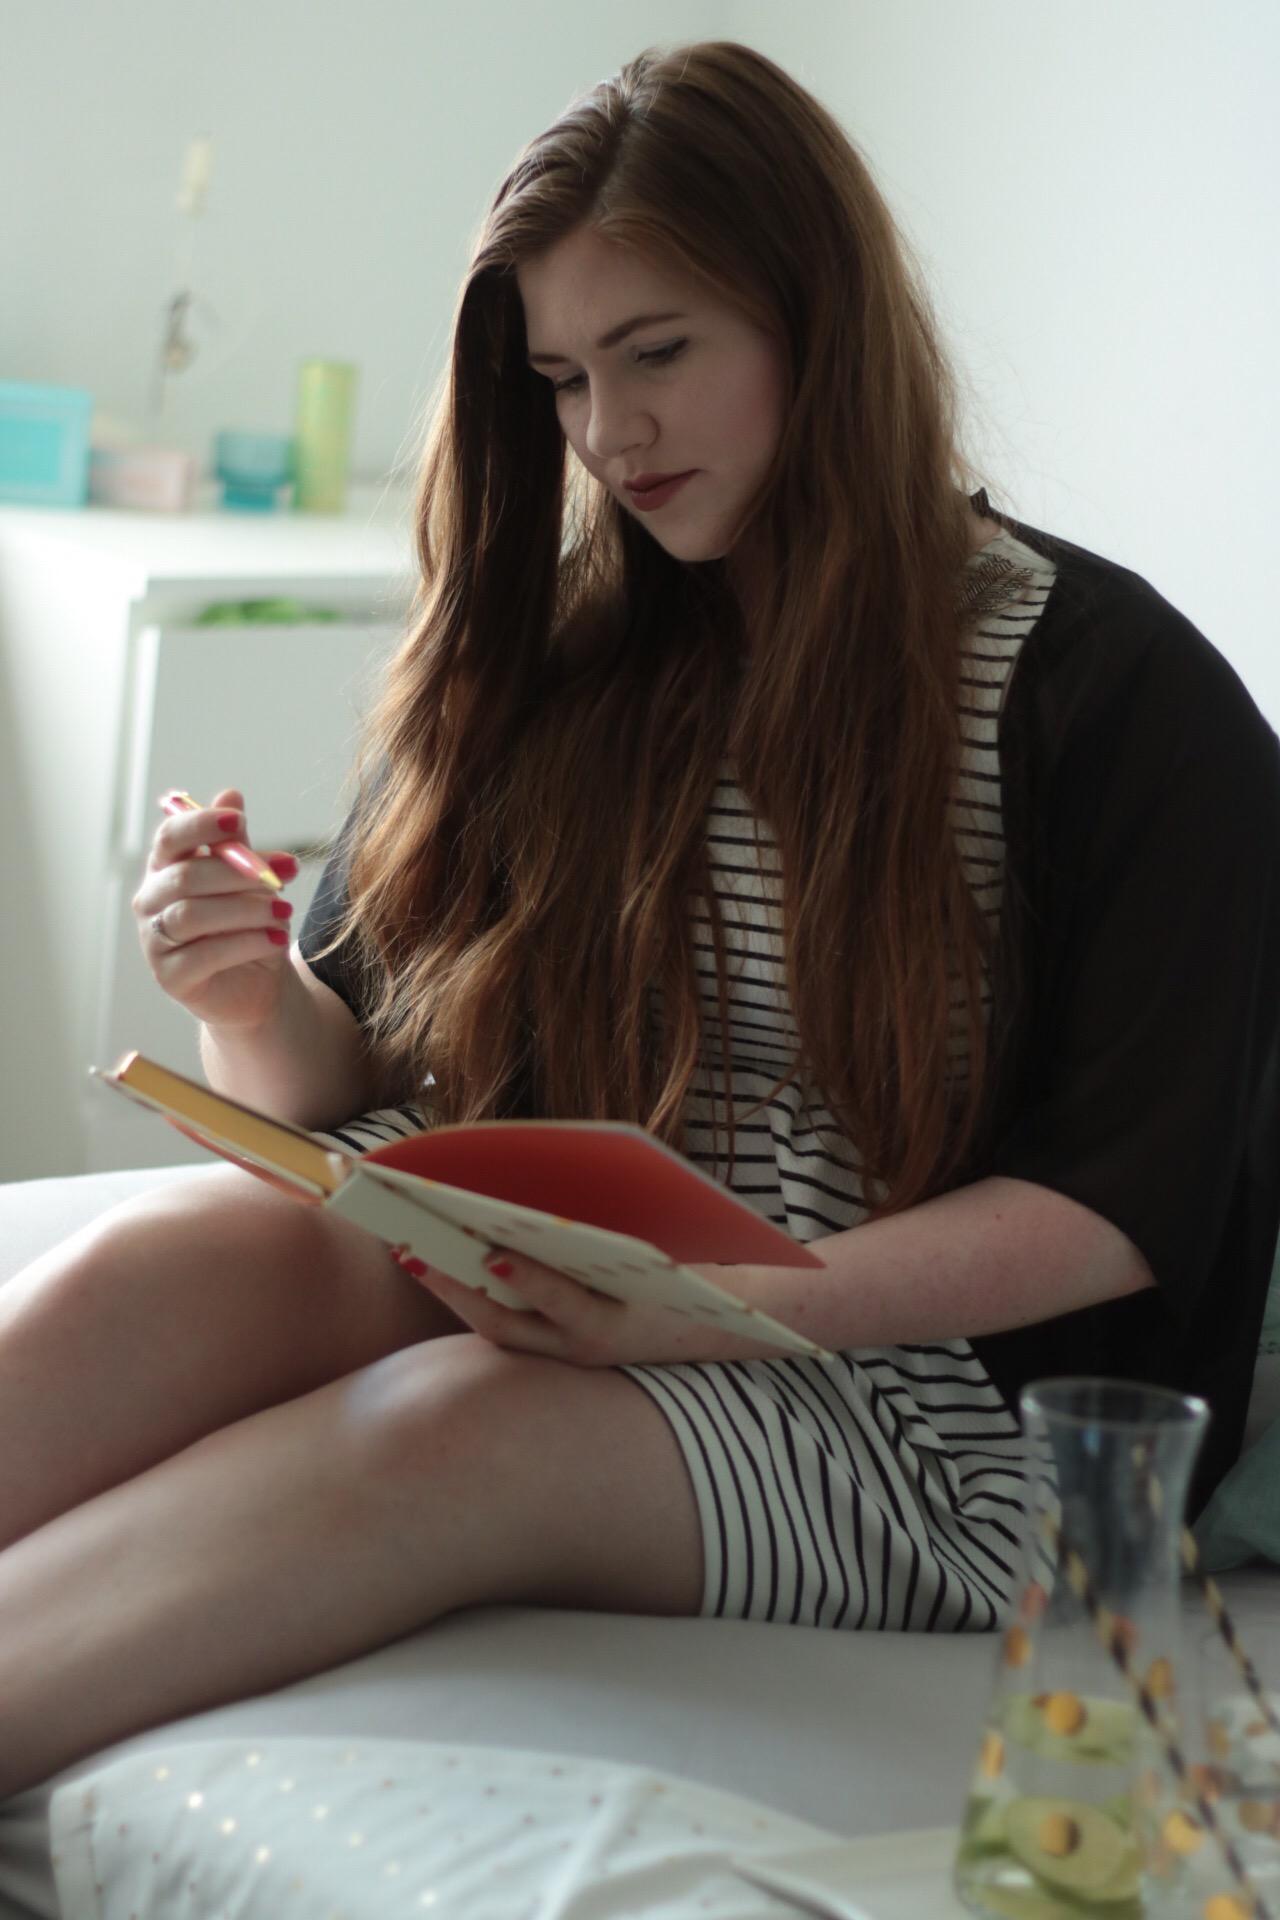 fashion blogger instagram notizbuch blog aus hamburg schreiben tchibo kissen frühstück im bett